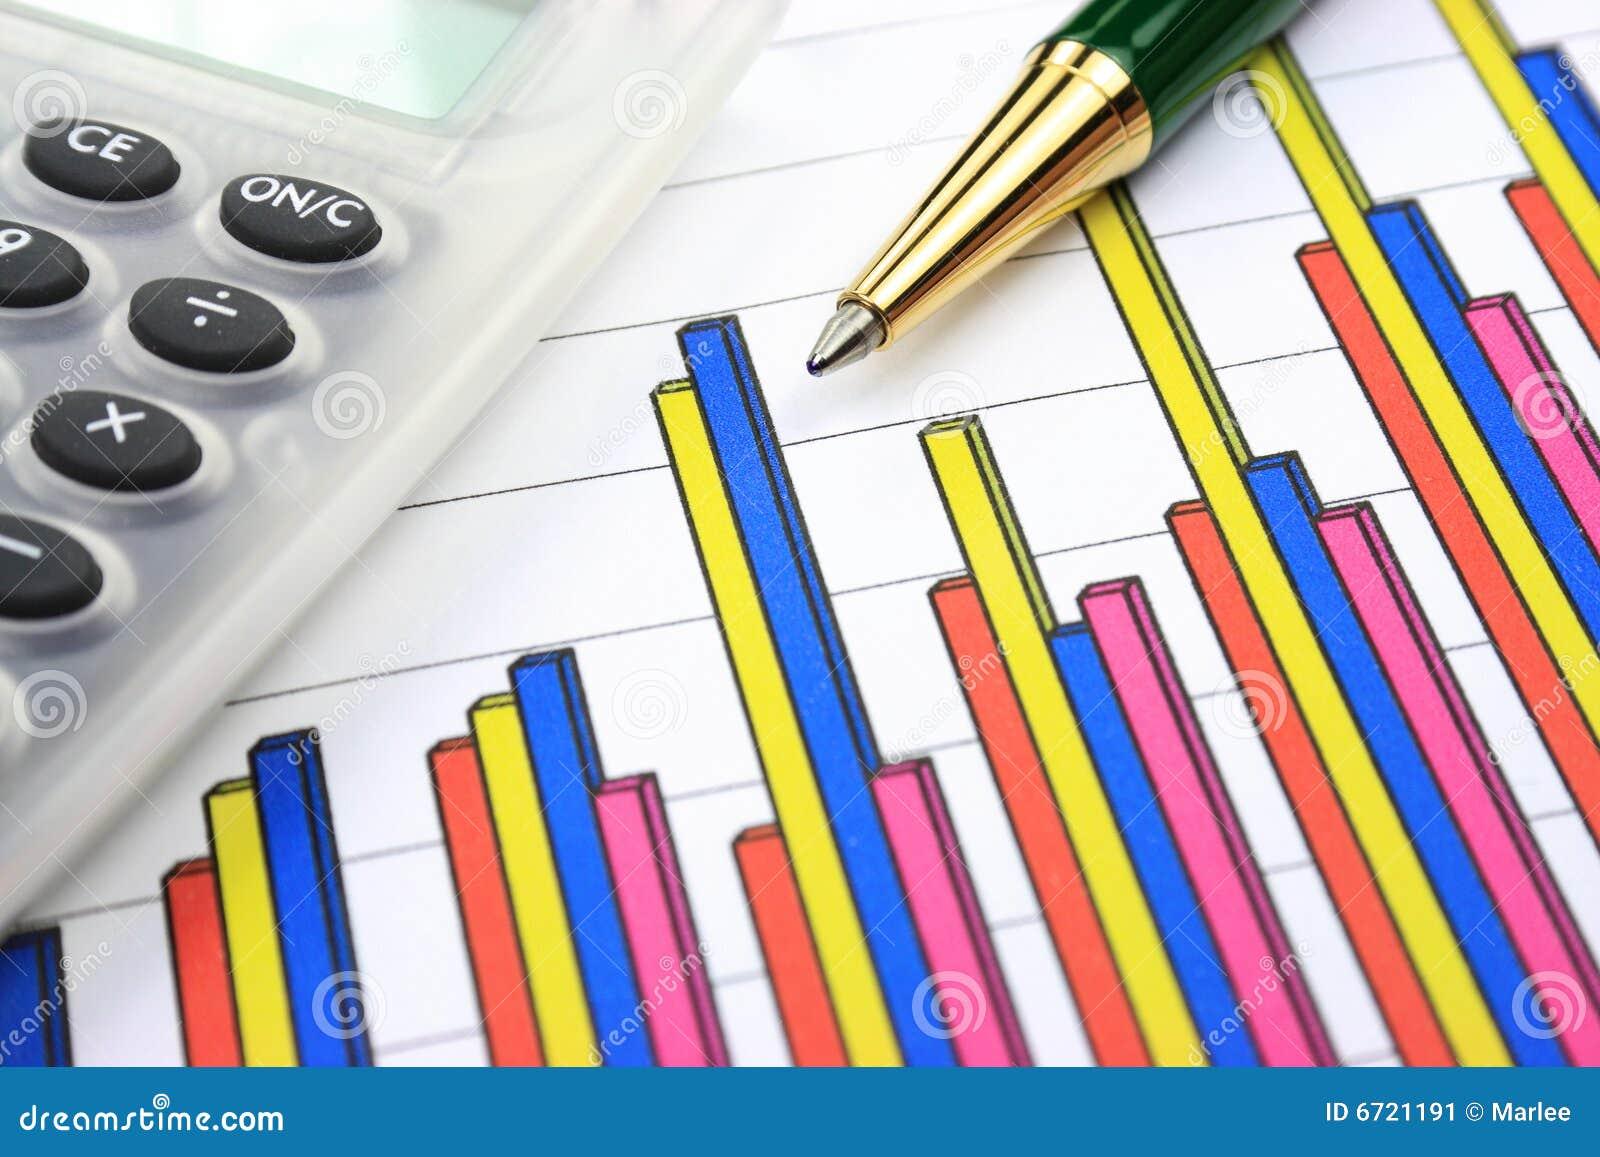 Graphique, calculatrice et crayon lecteur de gestion